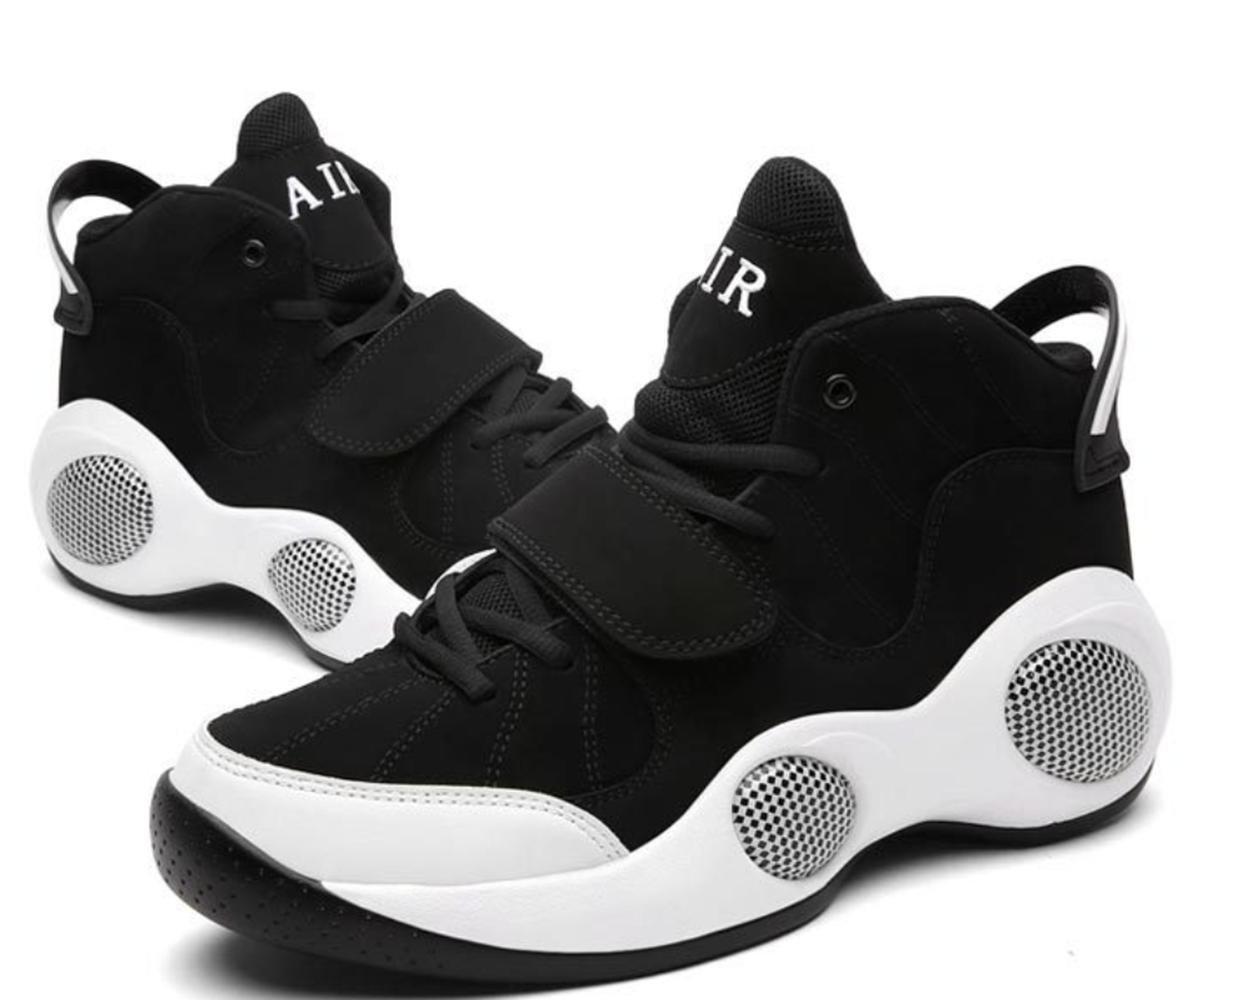 XDGG Männer Breathable Extra große dickere Bewegung Casual Running Running Running Basketball Schuhe Turnschuhe Outdoor Schuhe , 42 fcf79f